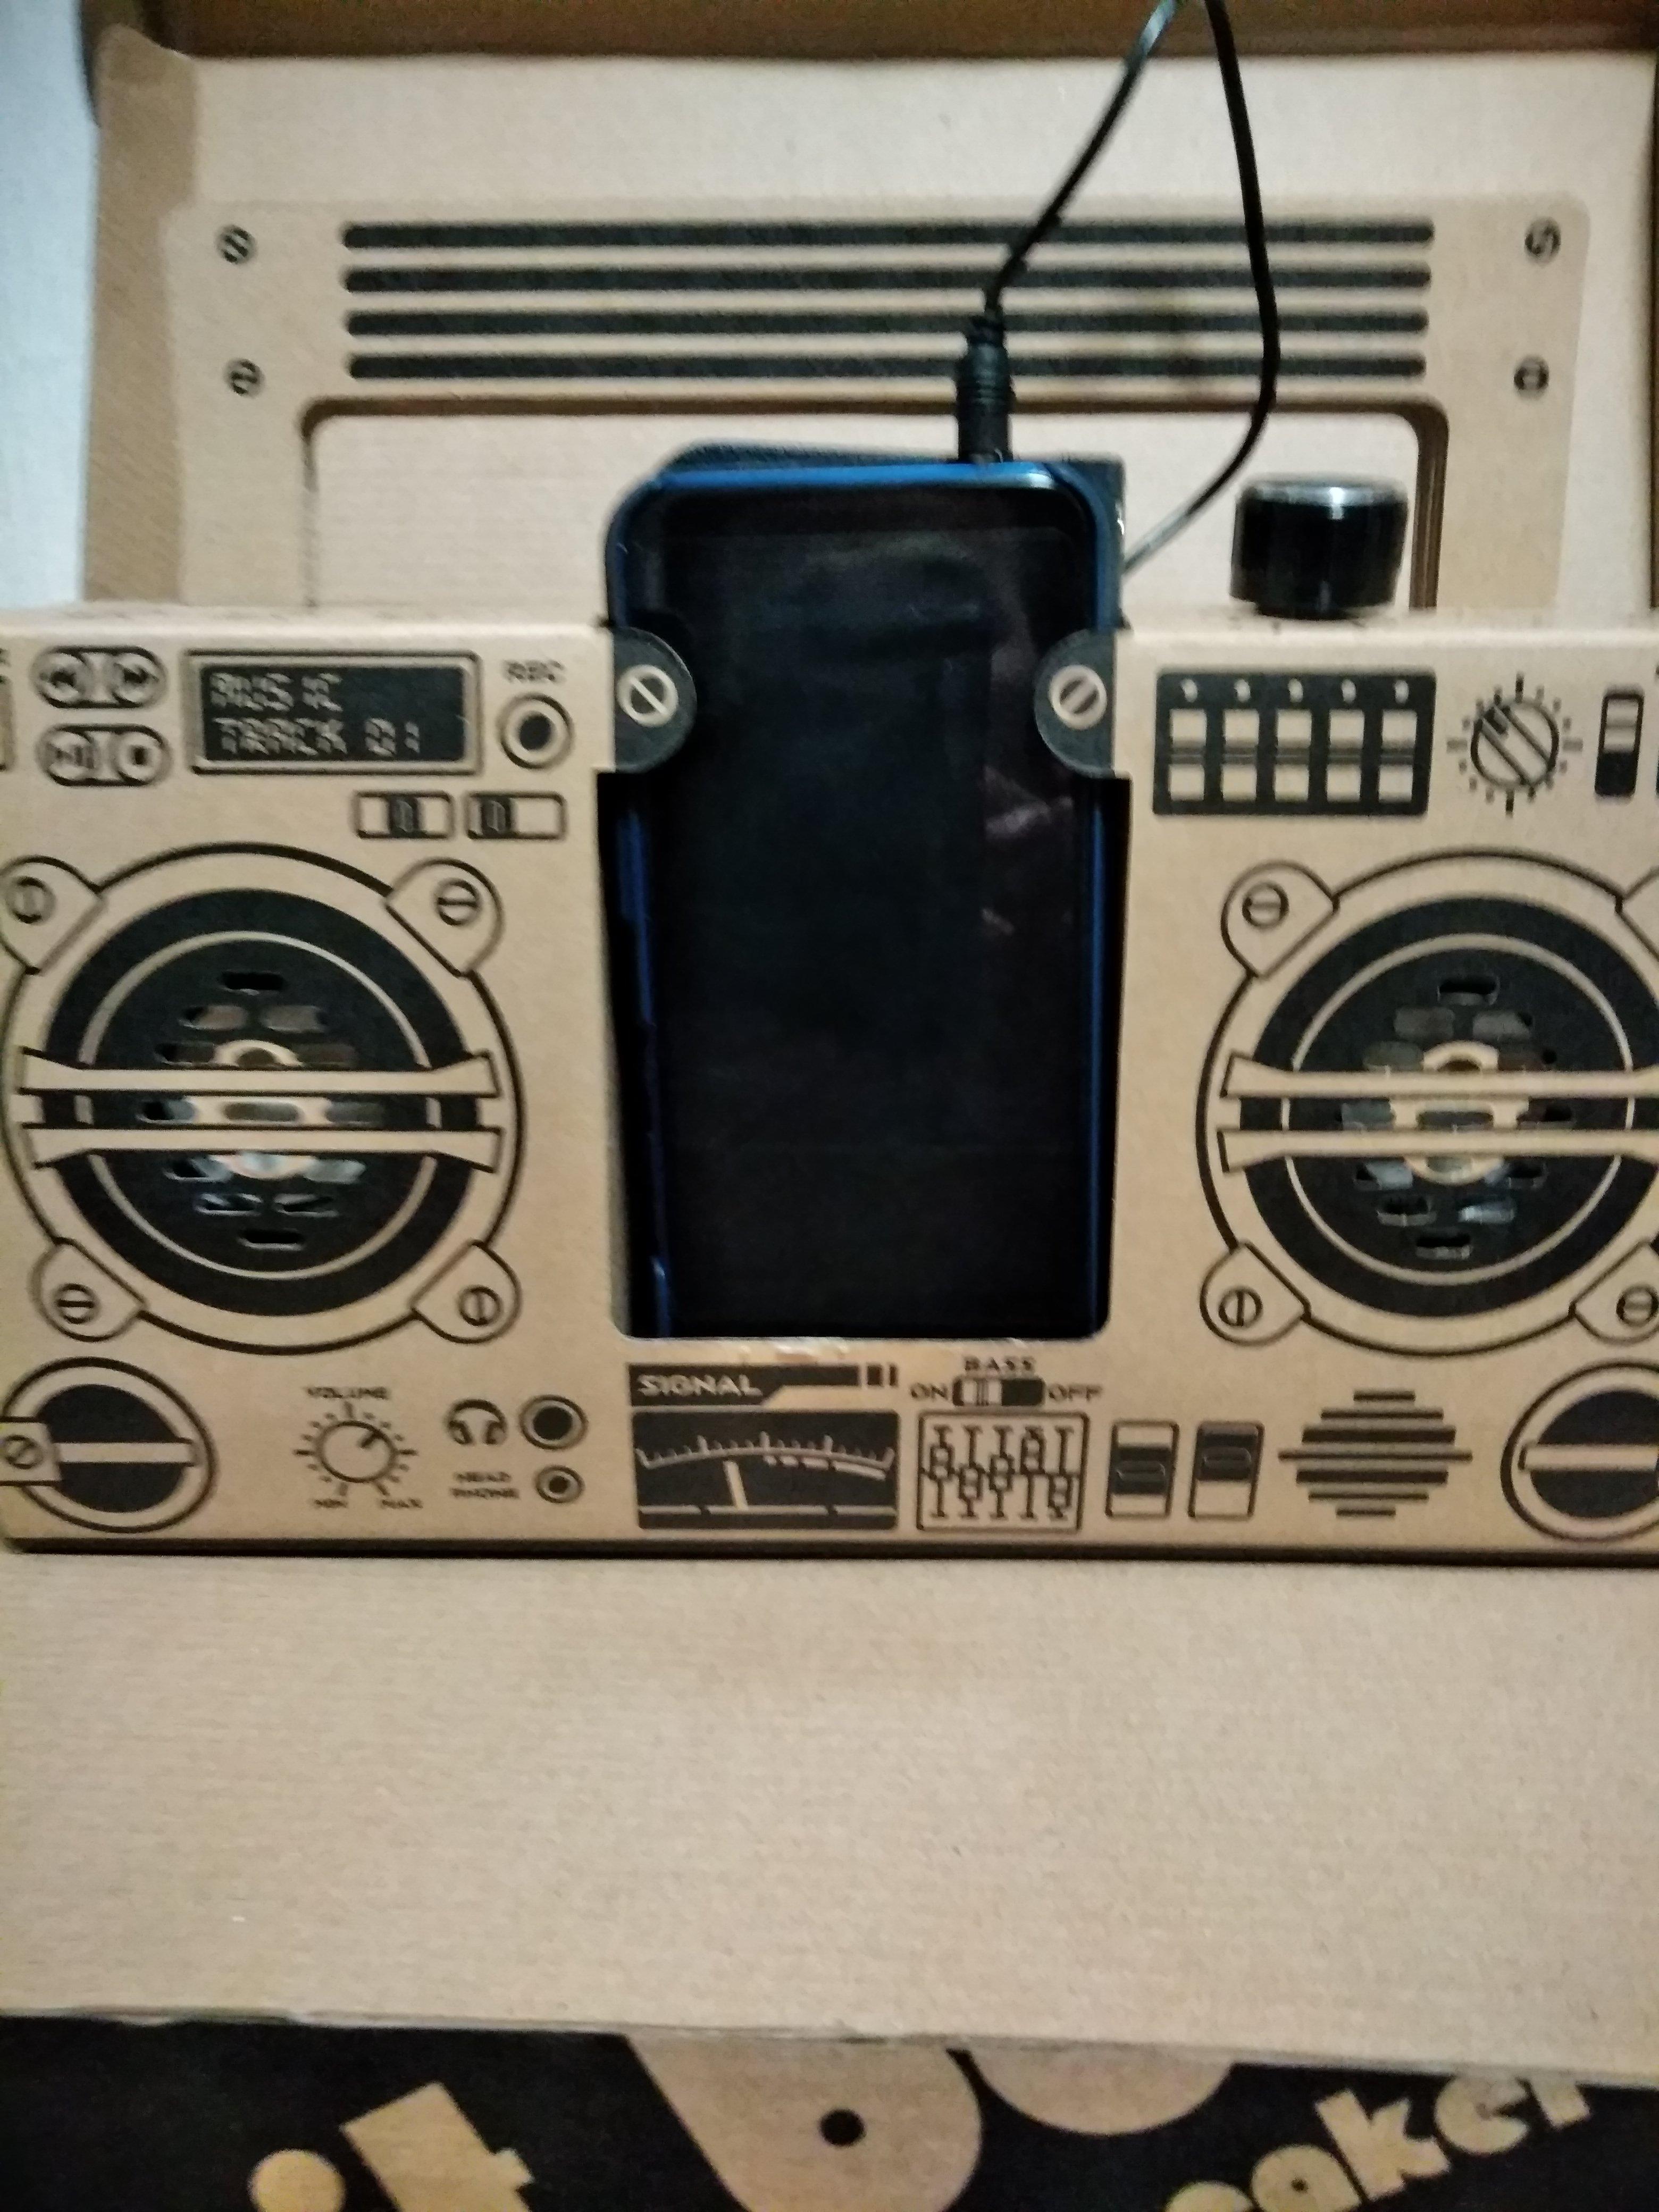 千葉県に電波を届けるAMラジオ